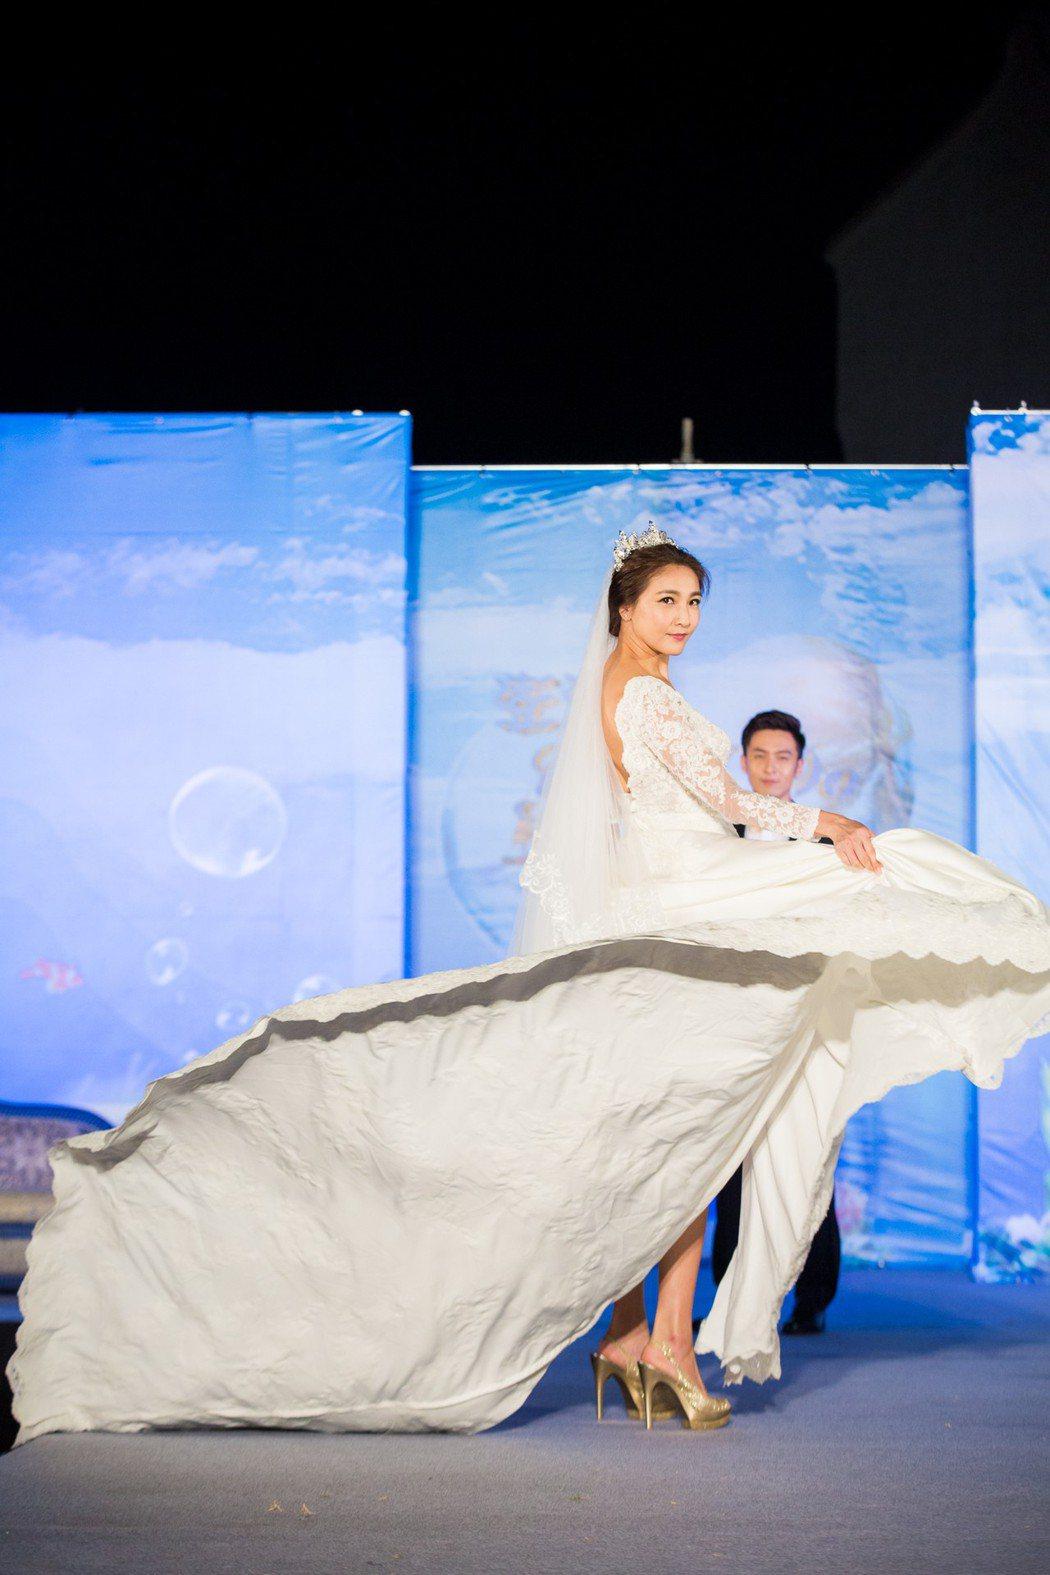 陳思璇披婚紗走秀。圖/澎湖縣政府旅遊處提供